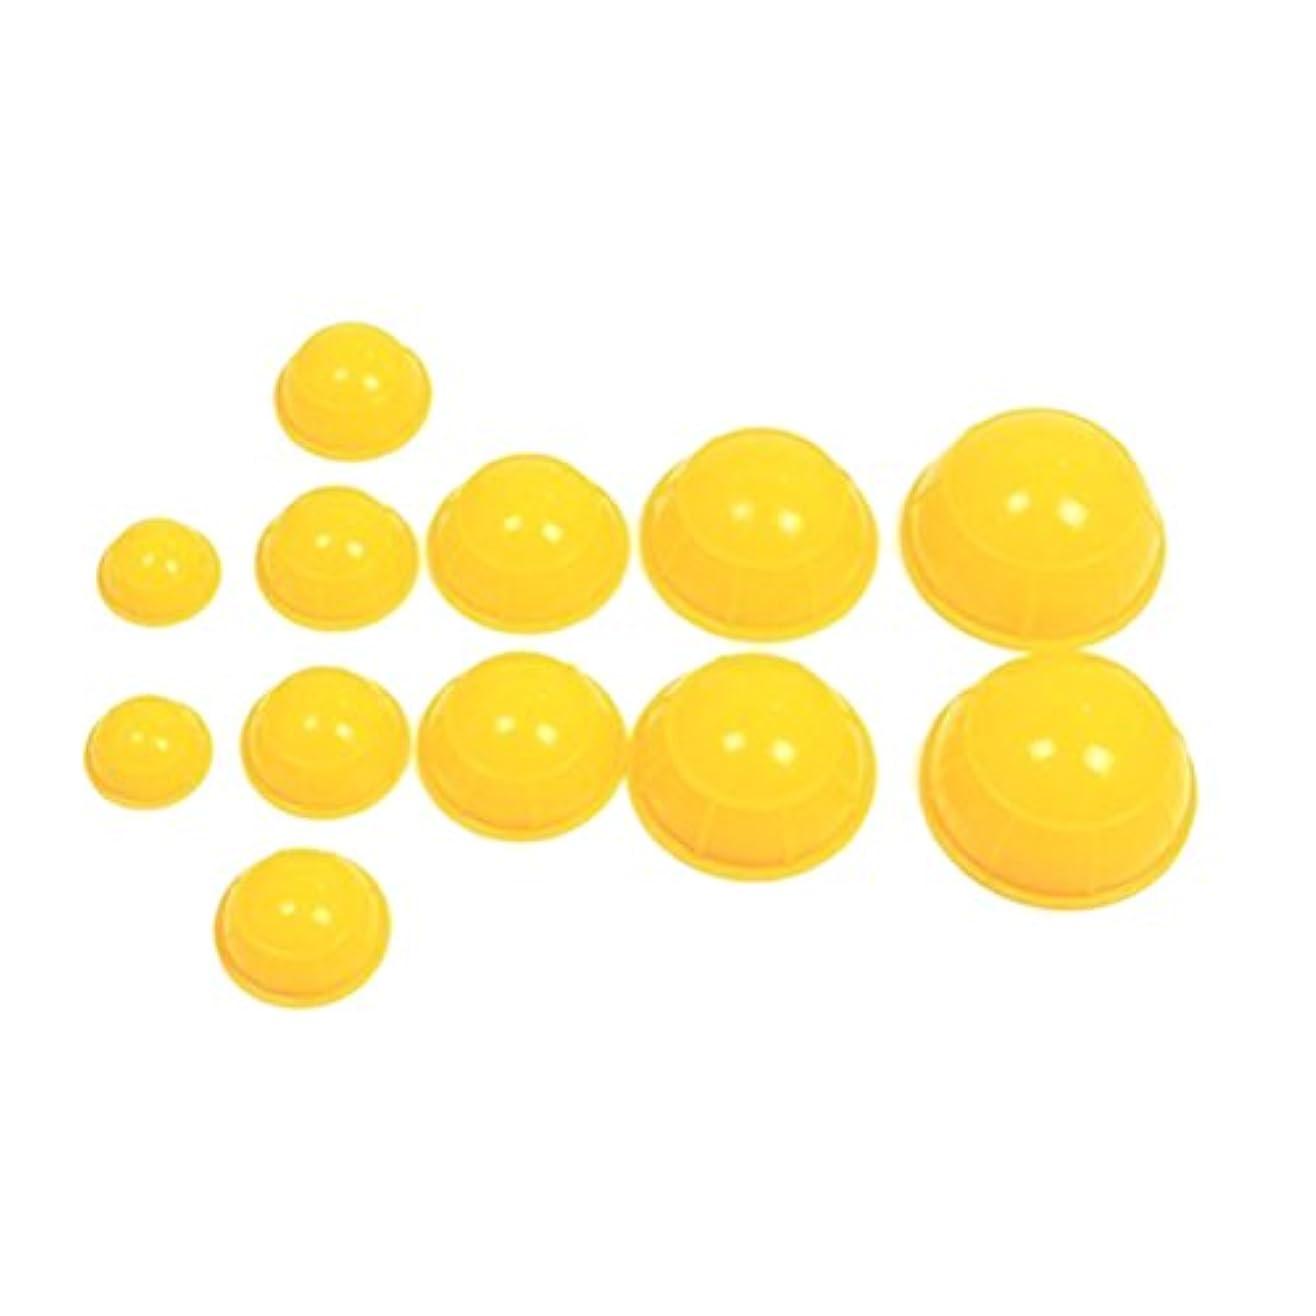 放つフォルダ人道的ROSENICE シリコーンマッサージカッピングカップセットボディフェイシャルセラピーカッピングカップ12個(イエロー)